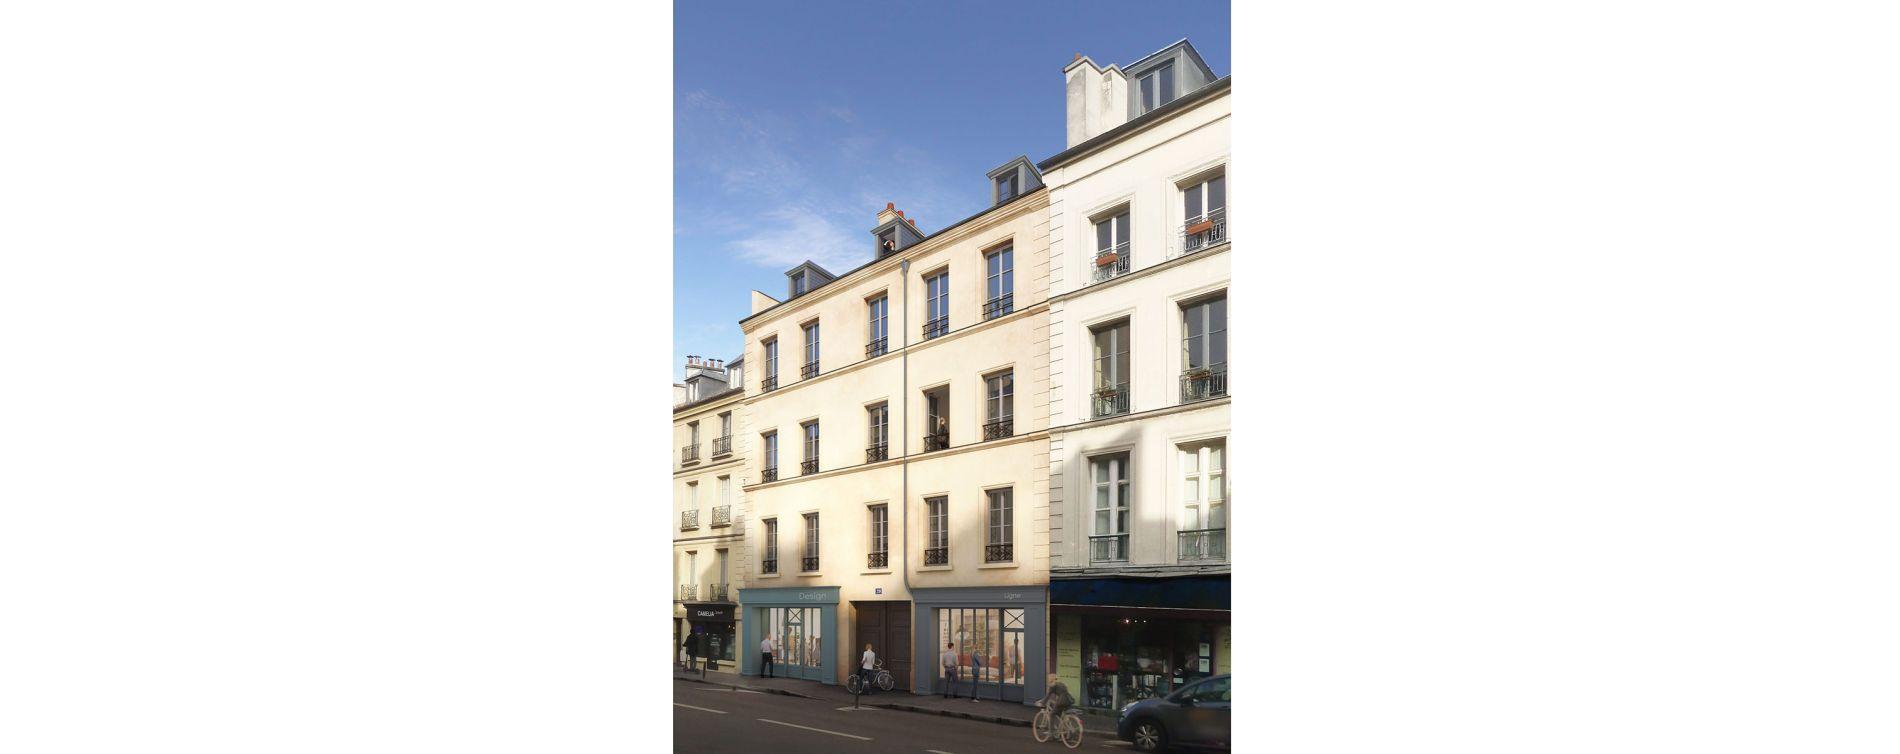 Versailles : programme immobilier à rénover « Passage de l'Orangerie » en Loi Malraux (2)